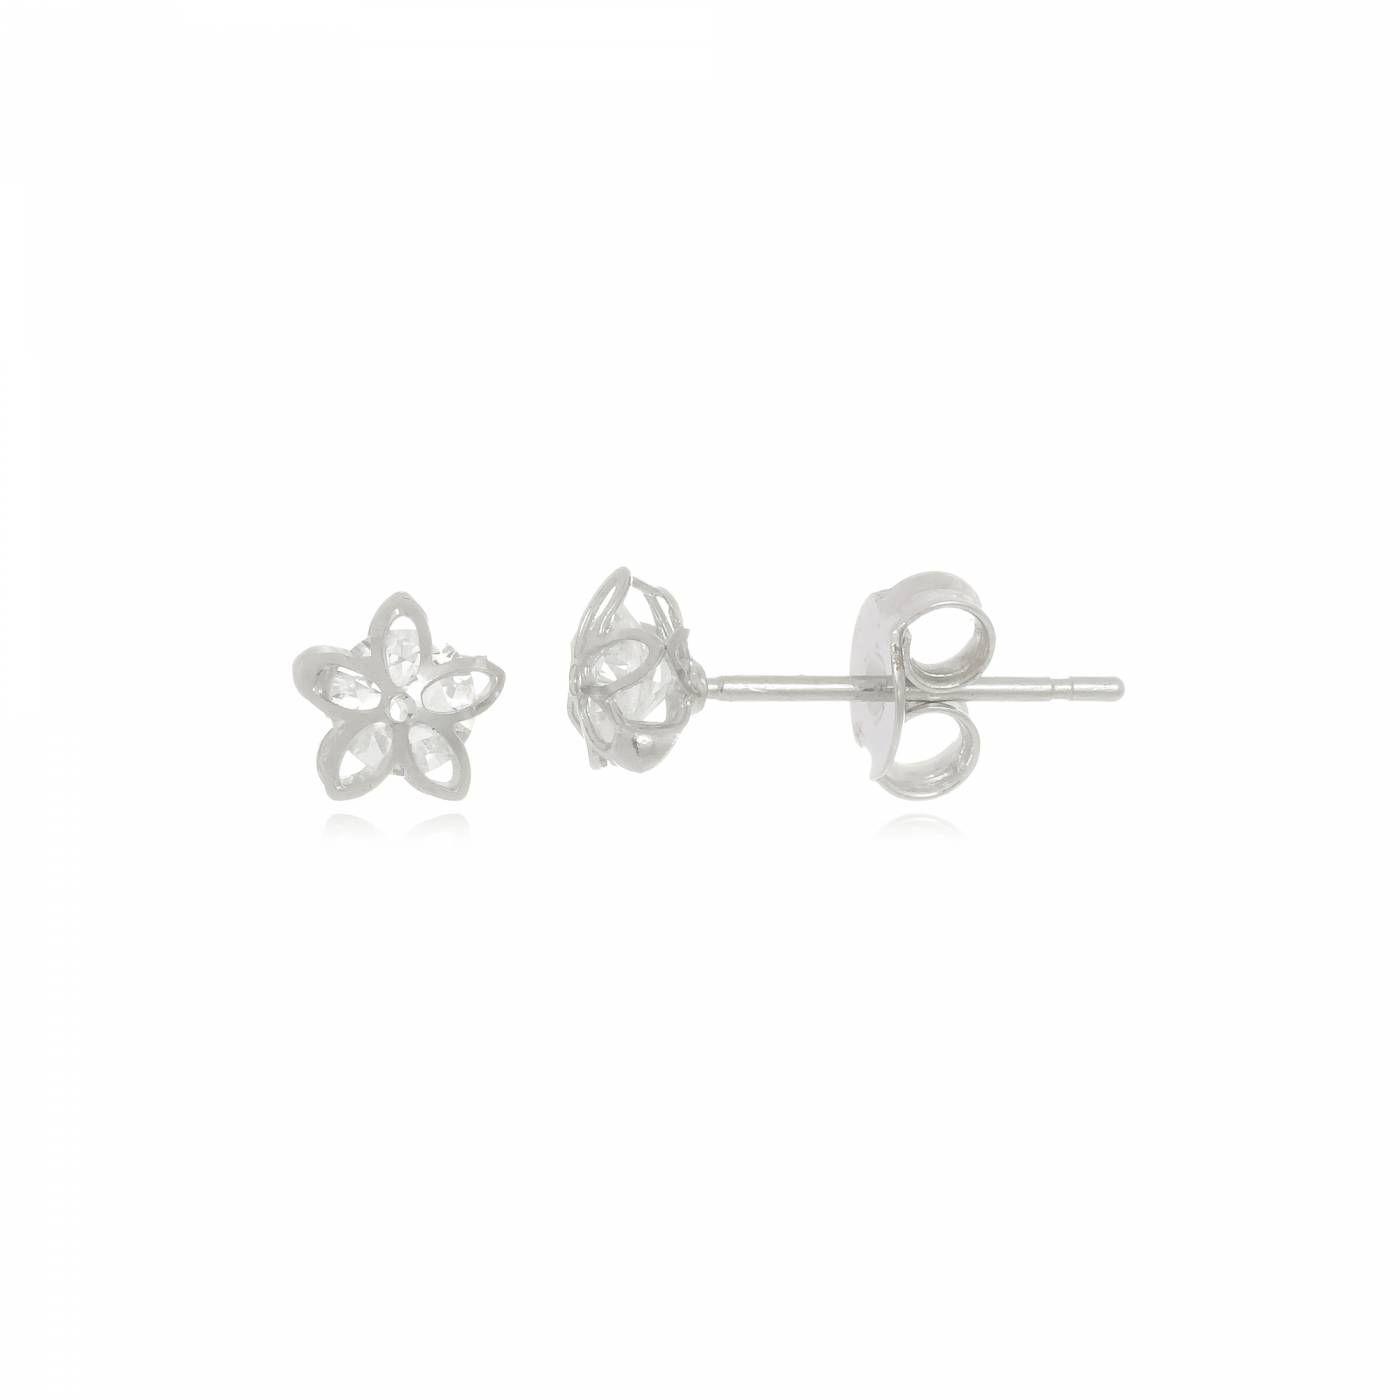 Brinco Mini Flor com Cristal Folheado em Ródio Branco